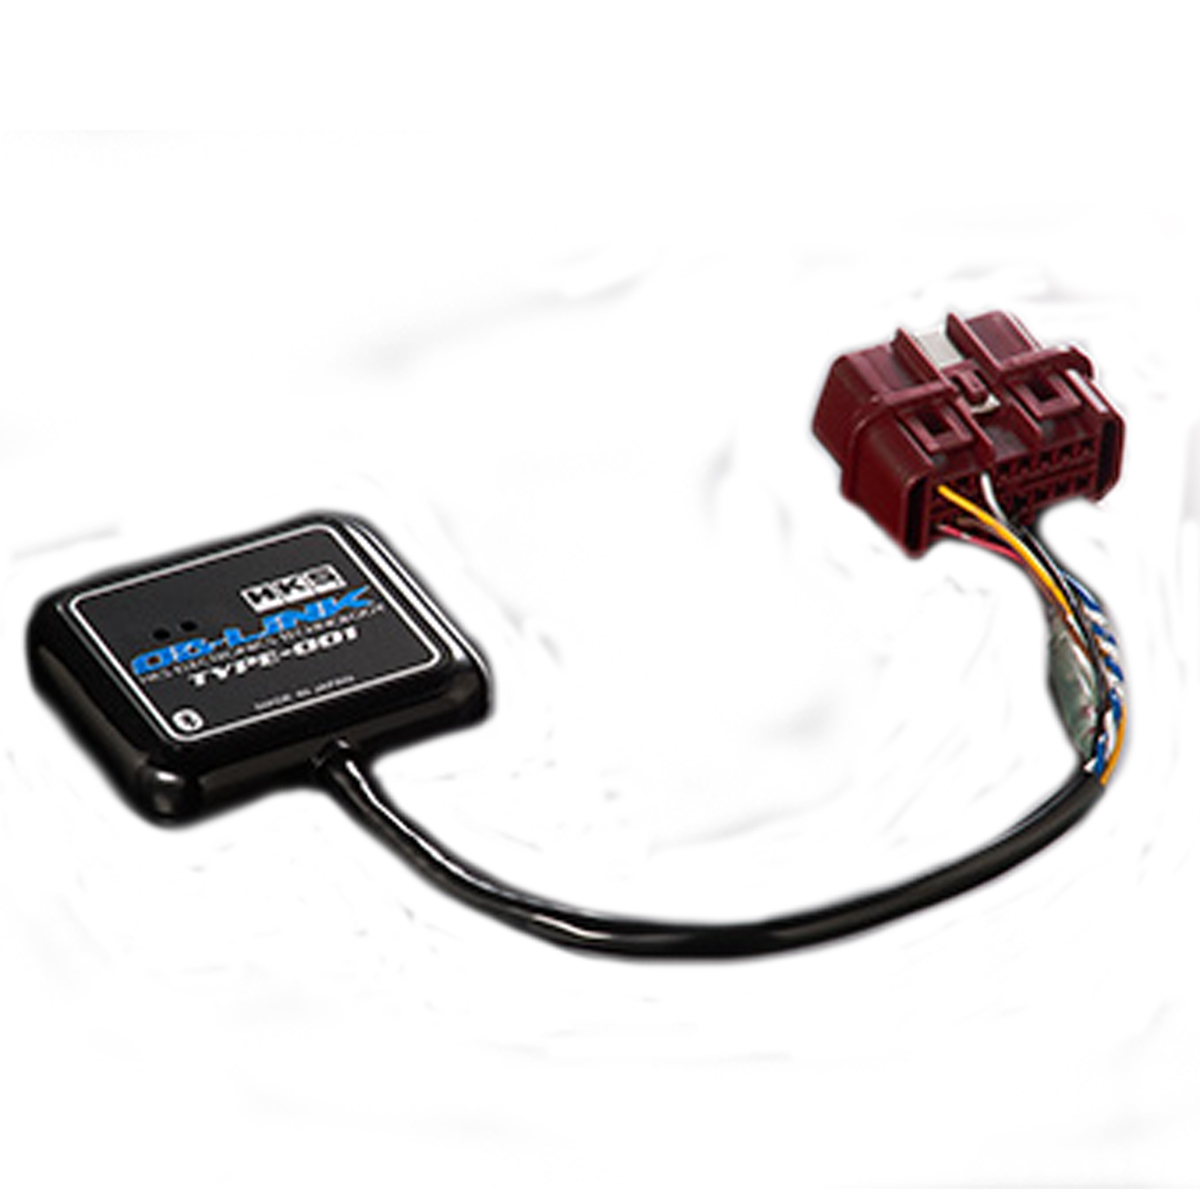 レクサス モニター OBリンク タイプ 001 URS190 HKS 44009-AK002 エレクトリニクス 個人宅発送追金有